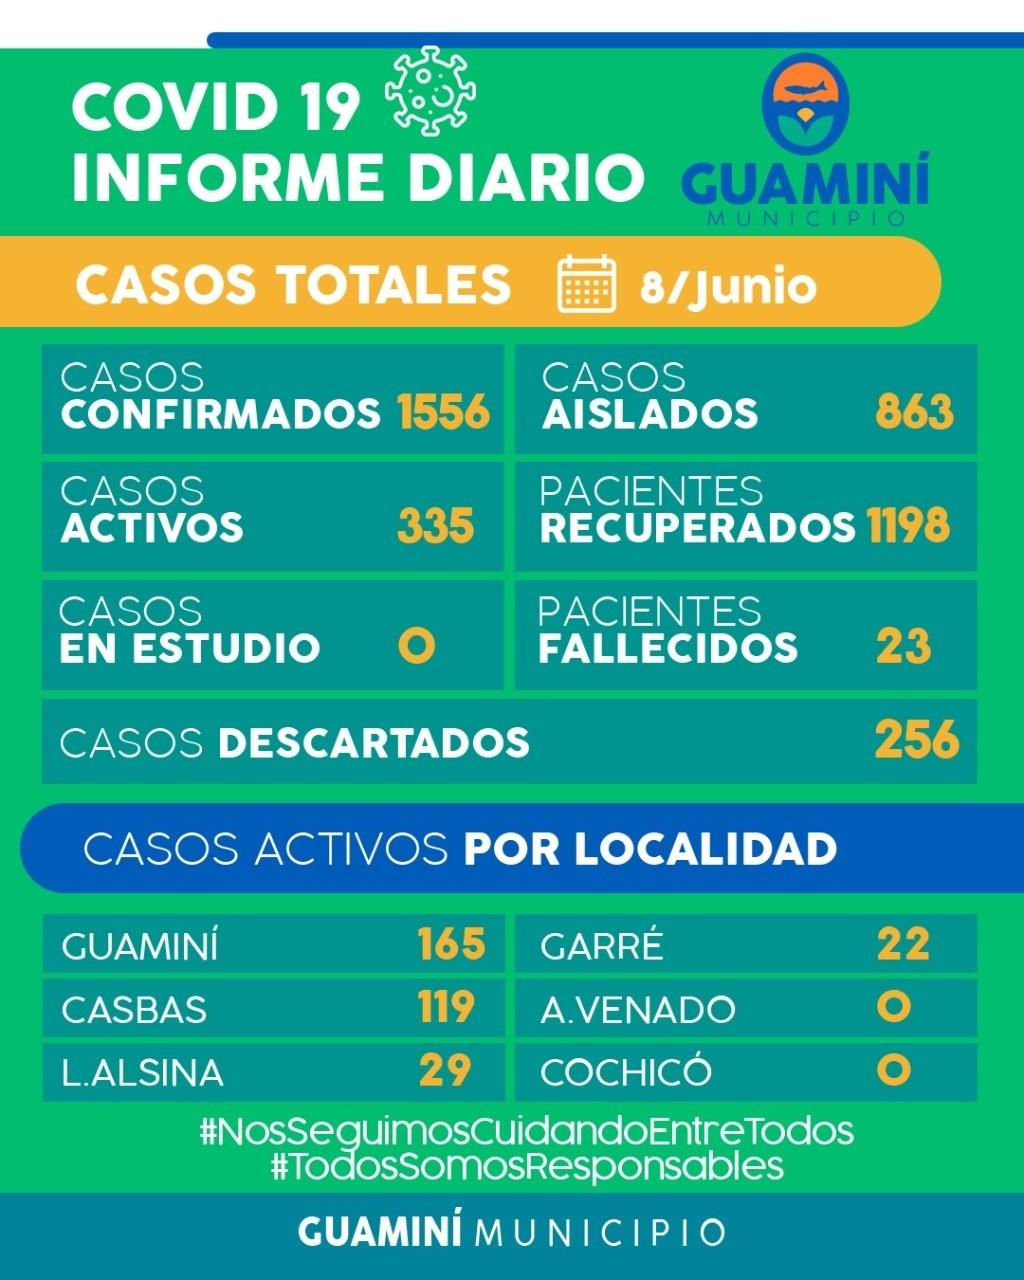 CORONAVIRUS: INFORME DIARIO DE SITUACIÓN A NIVEL NACIONAL Y LOCAL  - 8 DE JUNIO -